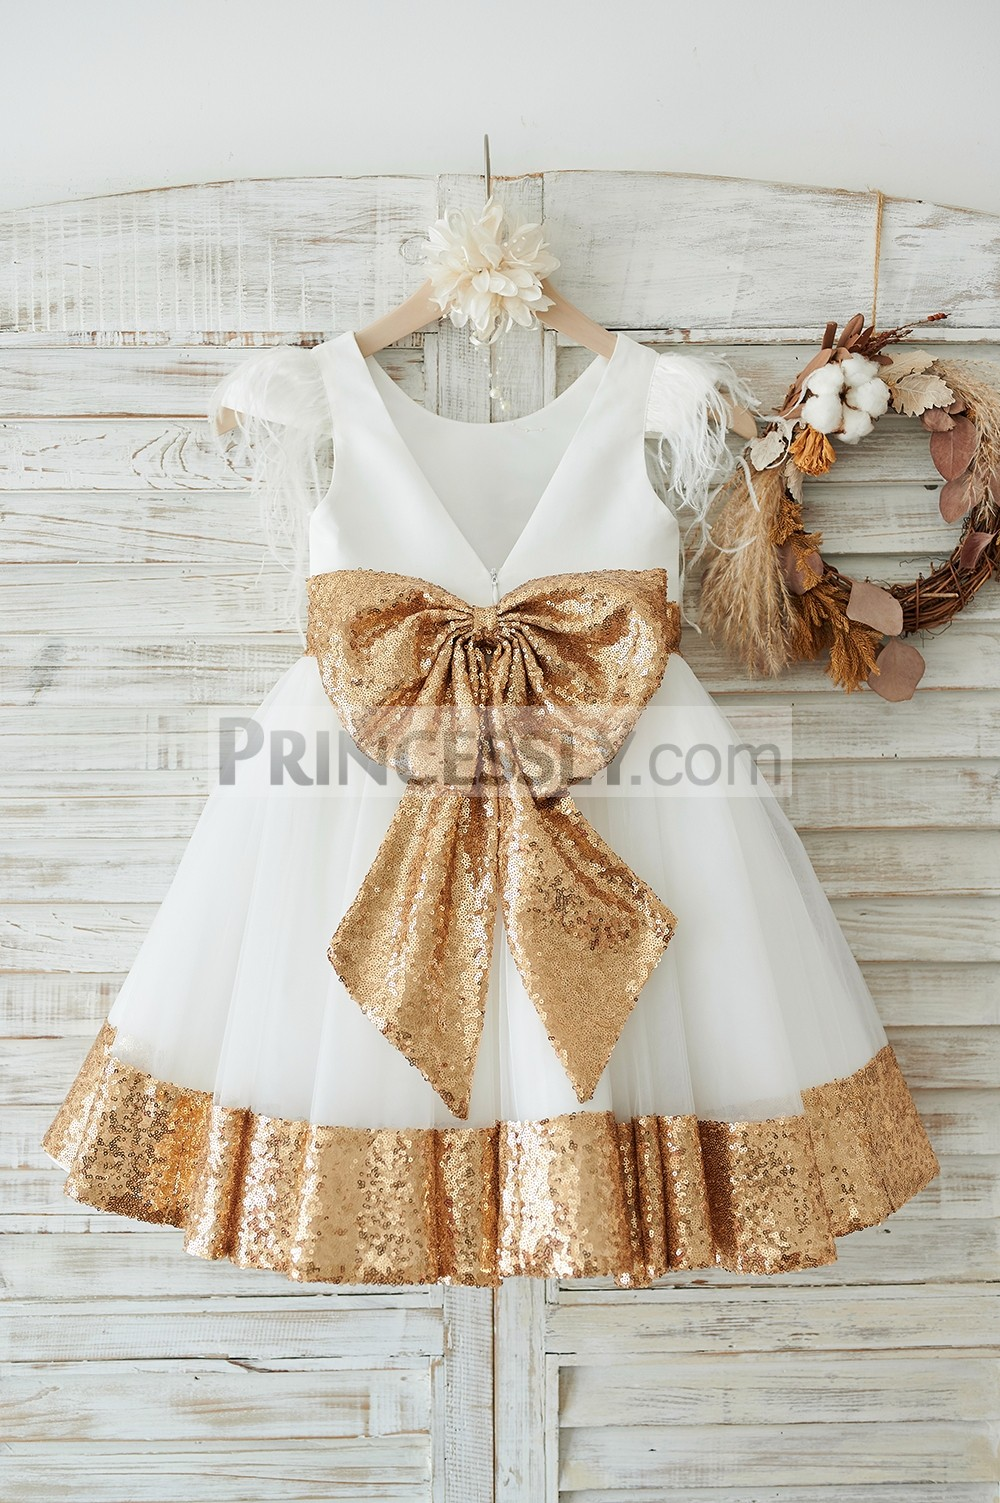 Deep V back ivory wedding baby girl dress with gold sequined belt